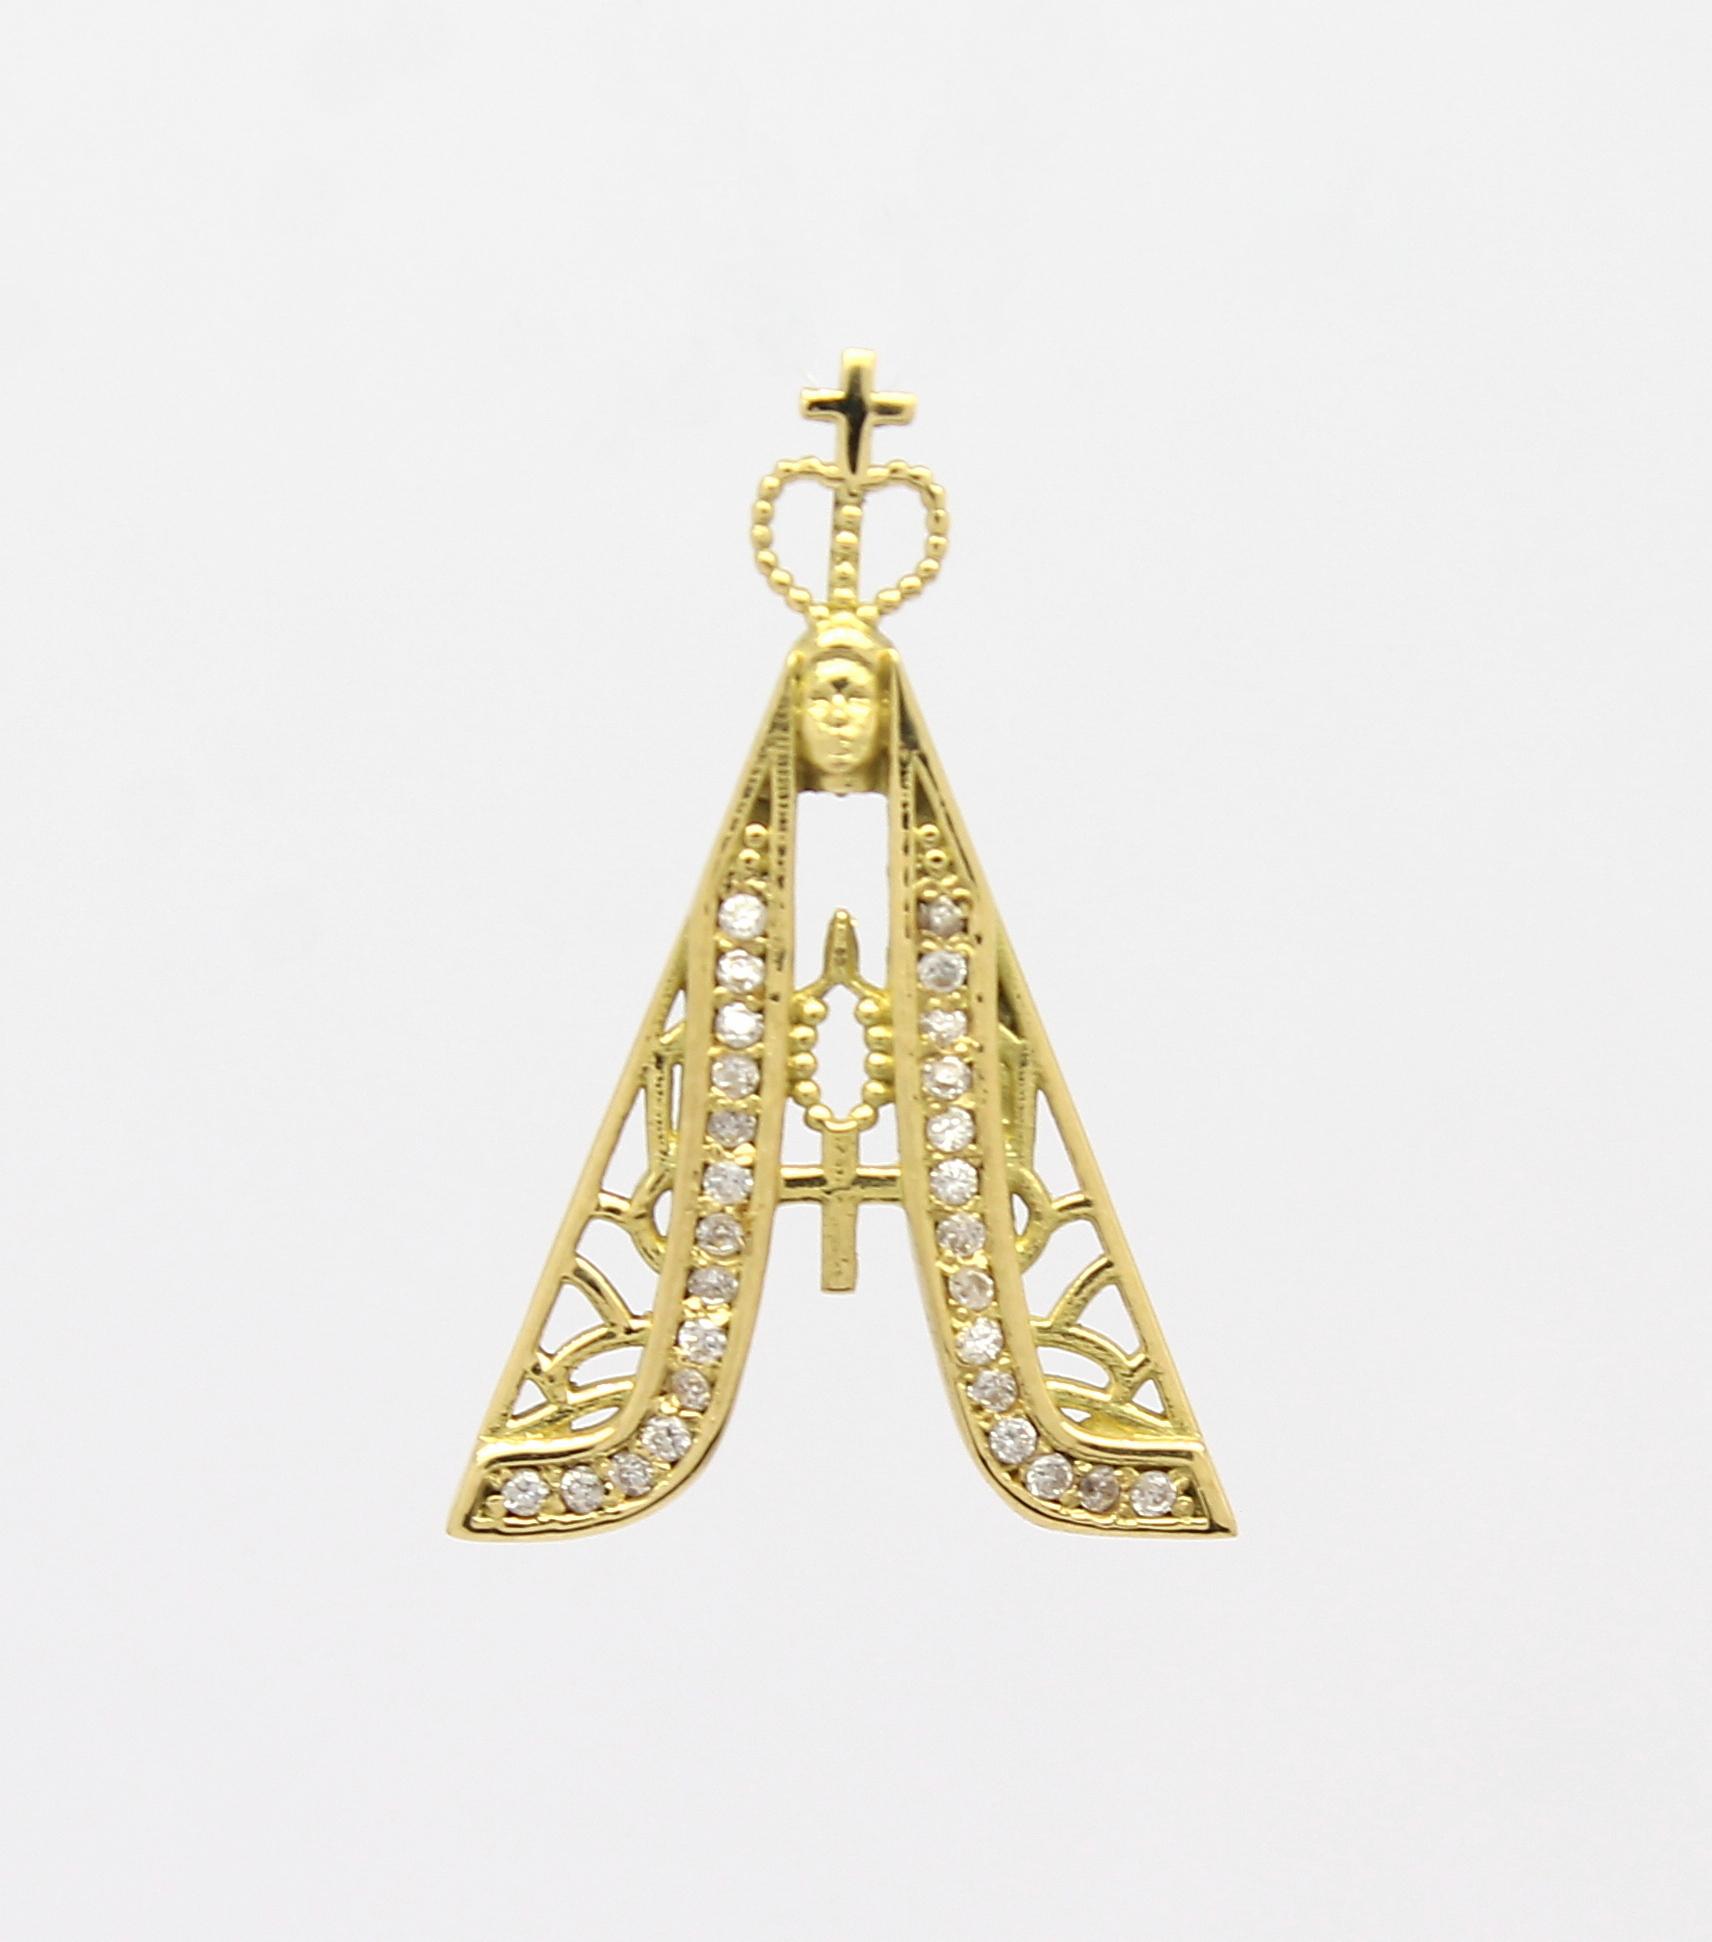 Pingente Nossa Senhora Aparecida Zircônias Ouro 18k 750 - Marcio ... e0fb78c173